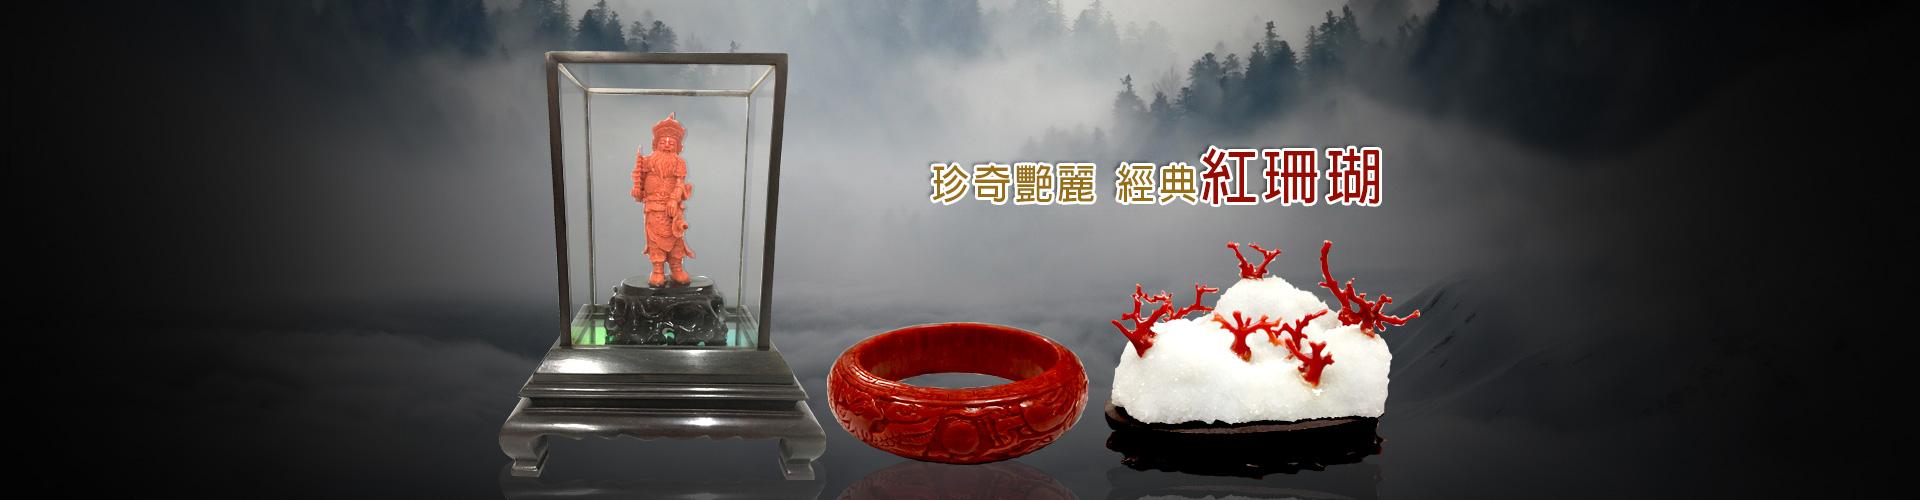 忠樺企業-(健康能量手錶,手鍊,高山茶,封箱膠帶)